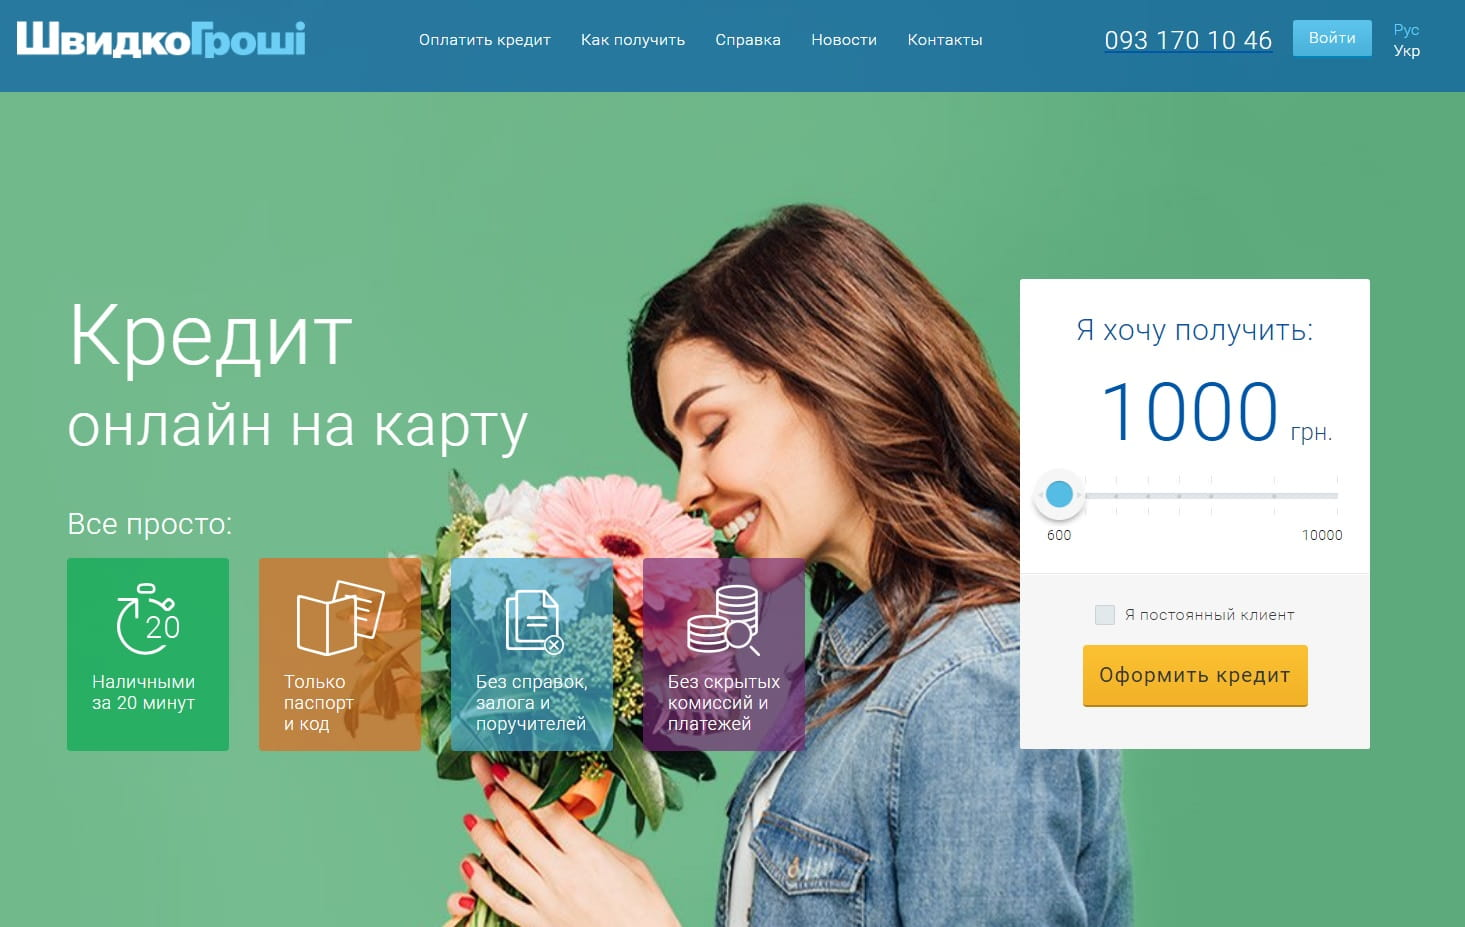 Оформить онлайн кредит в ШвидкоГроші